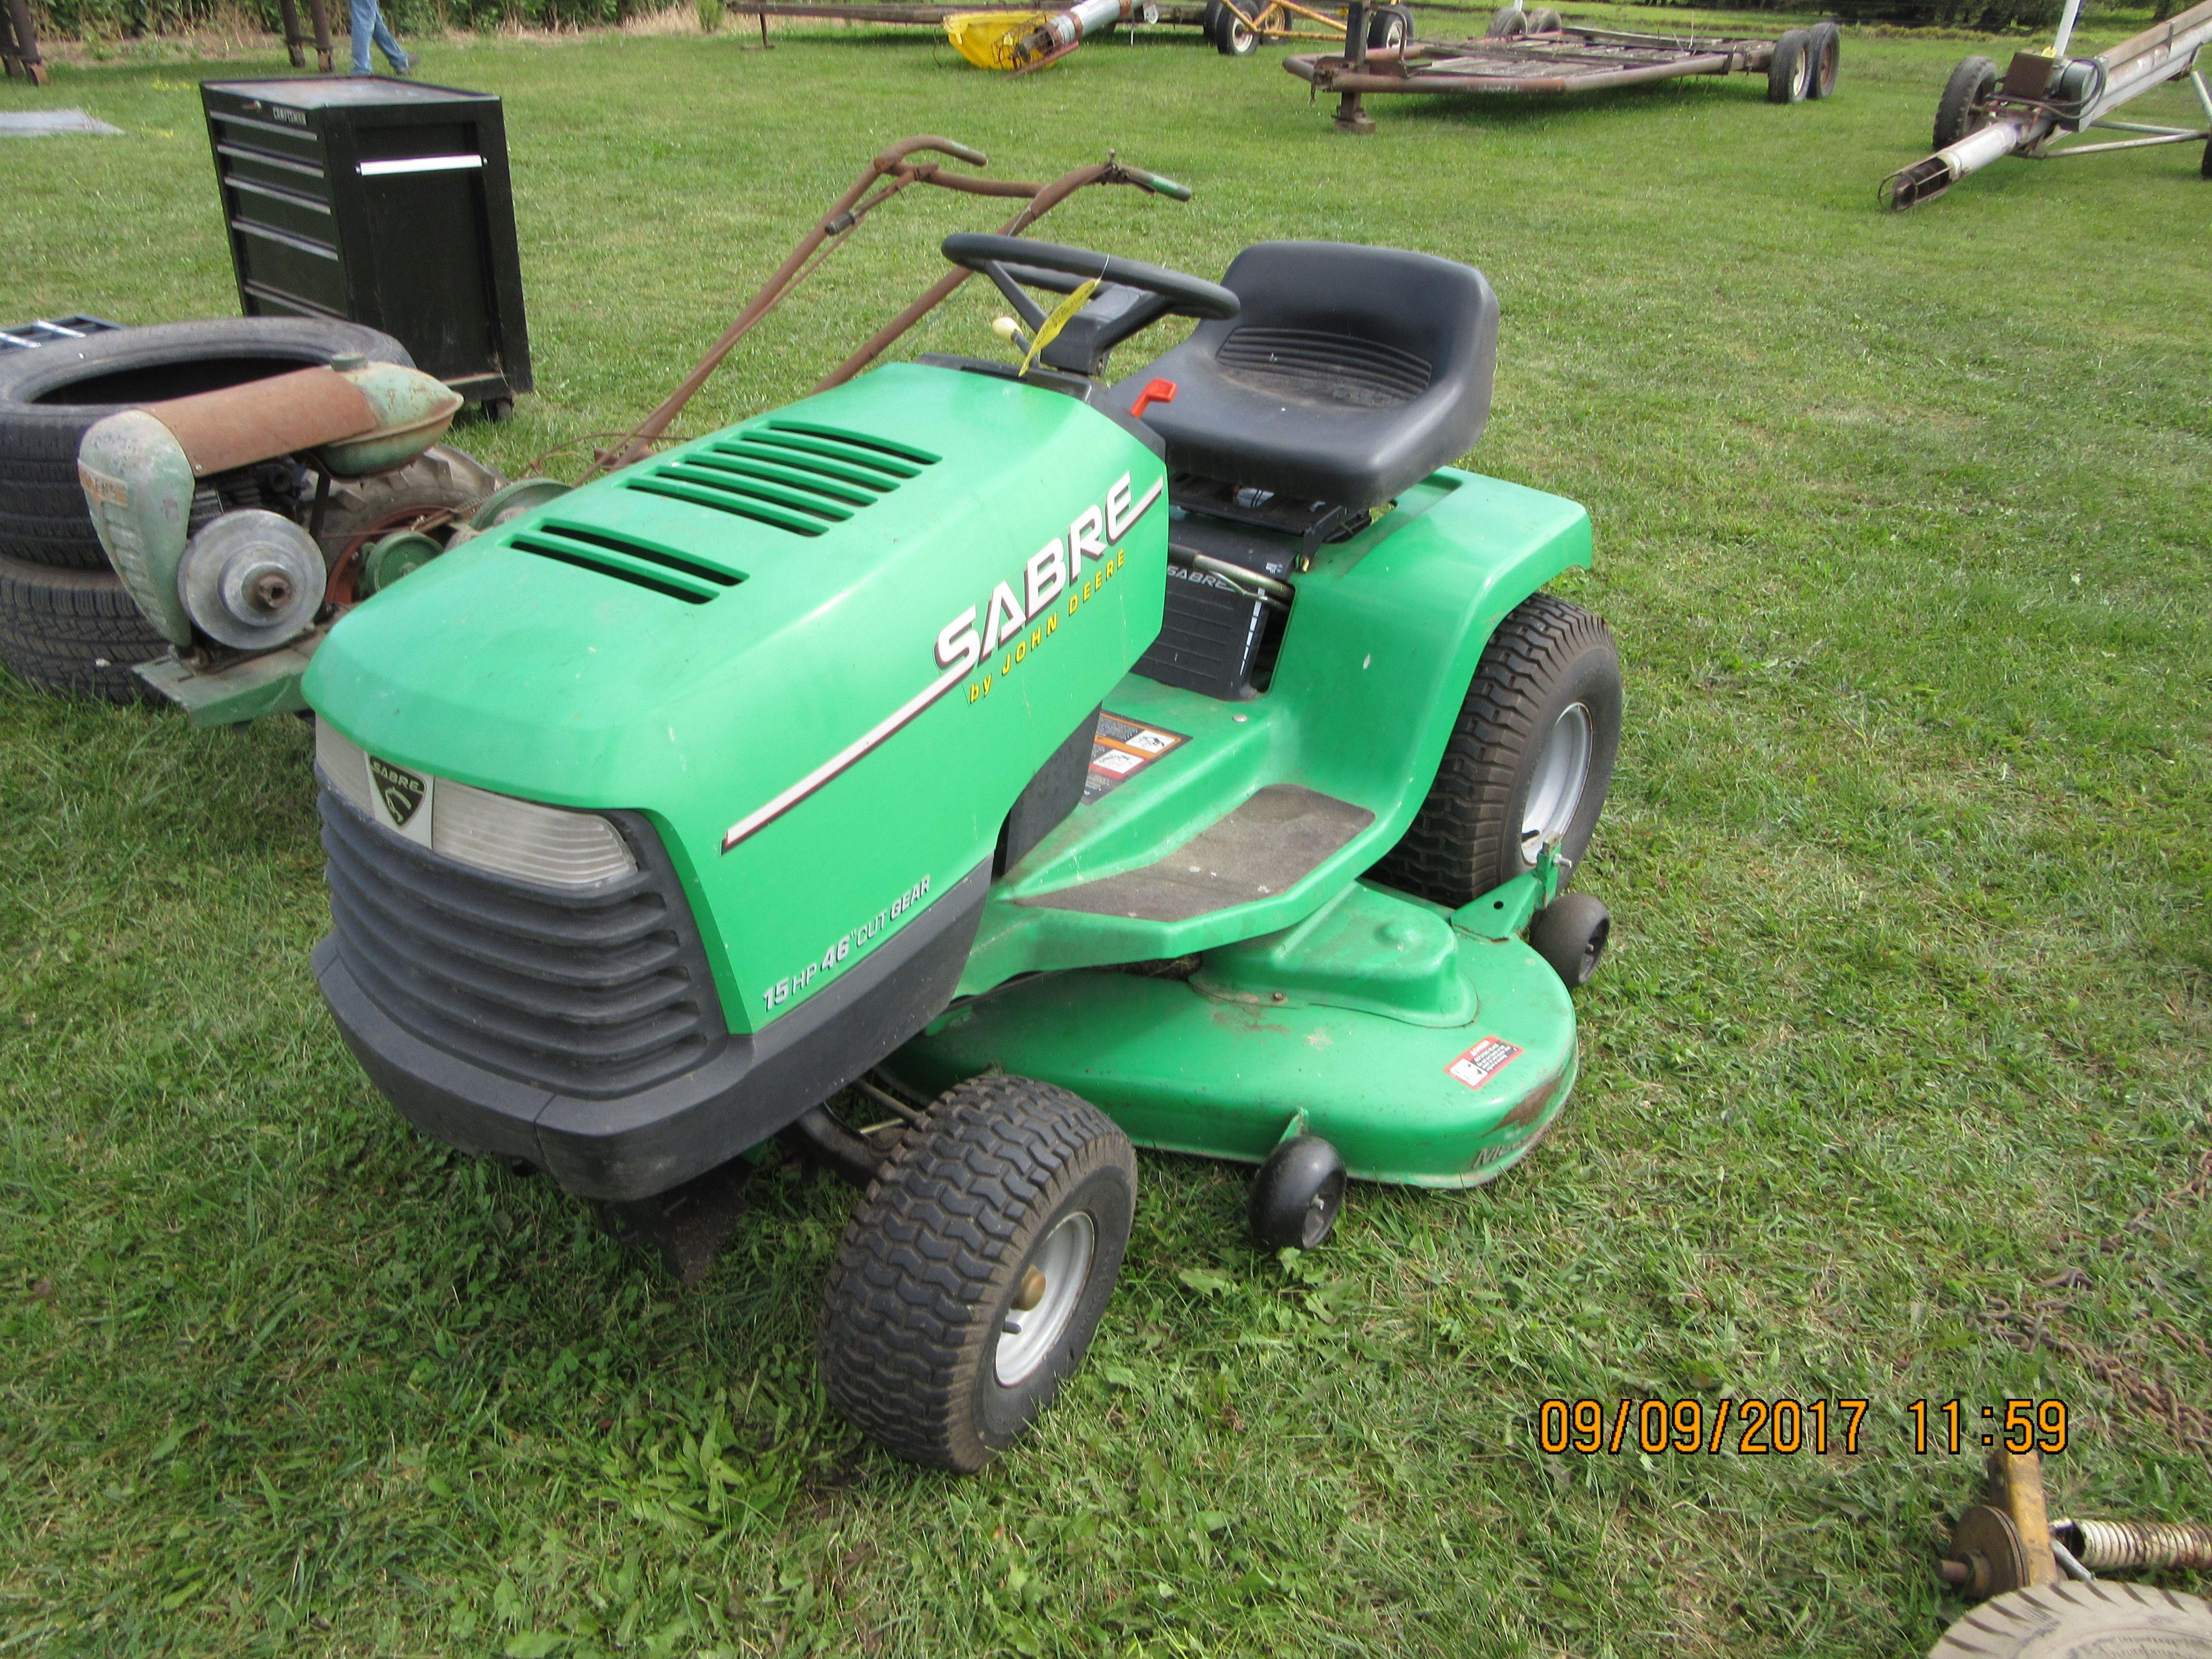 John Deere Sabre >> John Deere Sabre Lawn Tractor John Deere Lawn Garden My Pictures